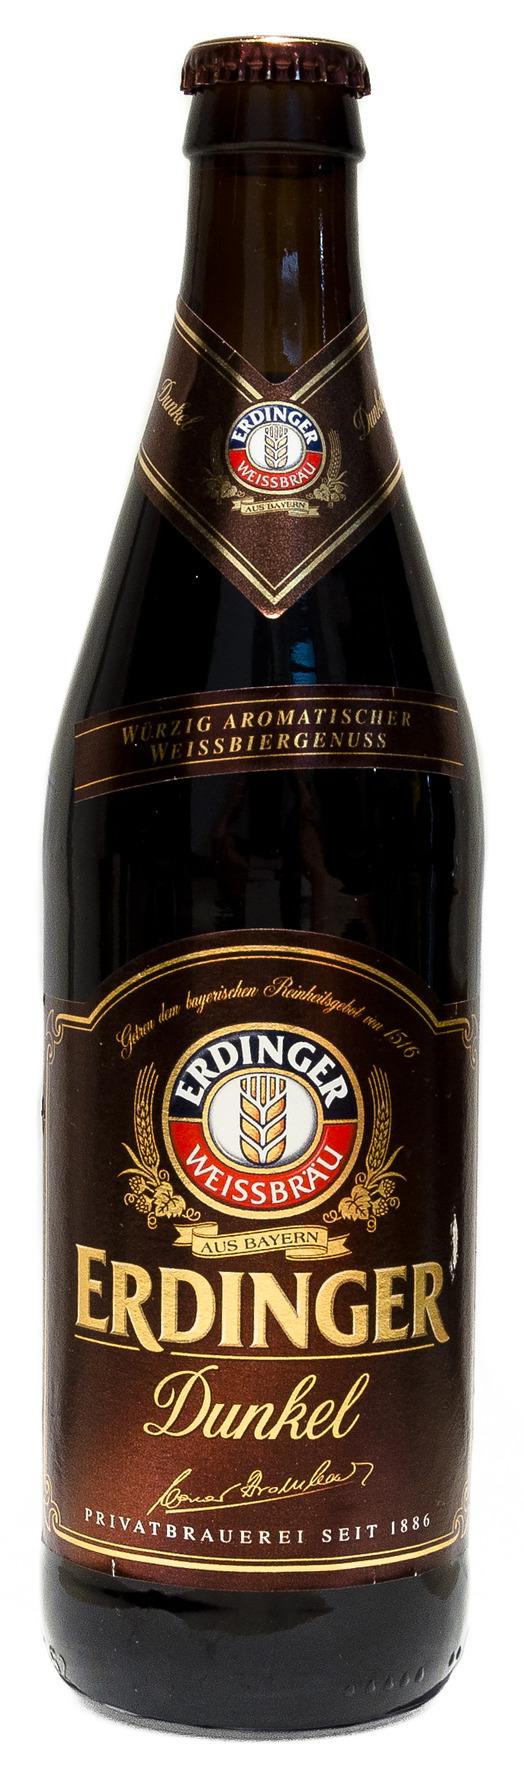 Erdinger Weissbier Dunkel | beers i love | Home brewing ...